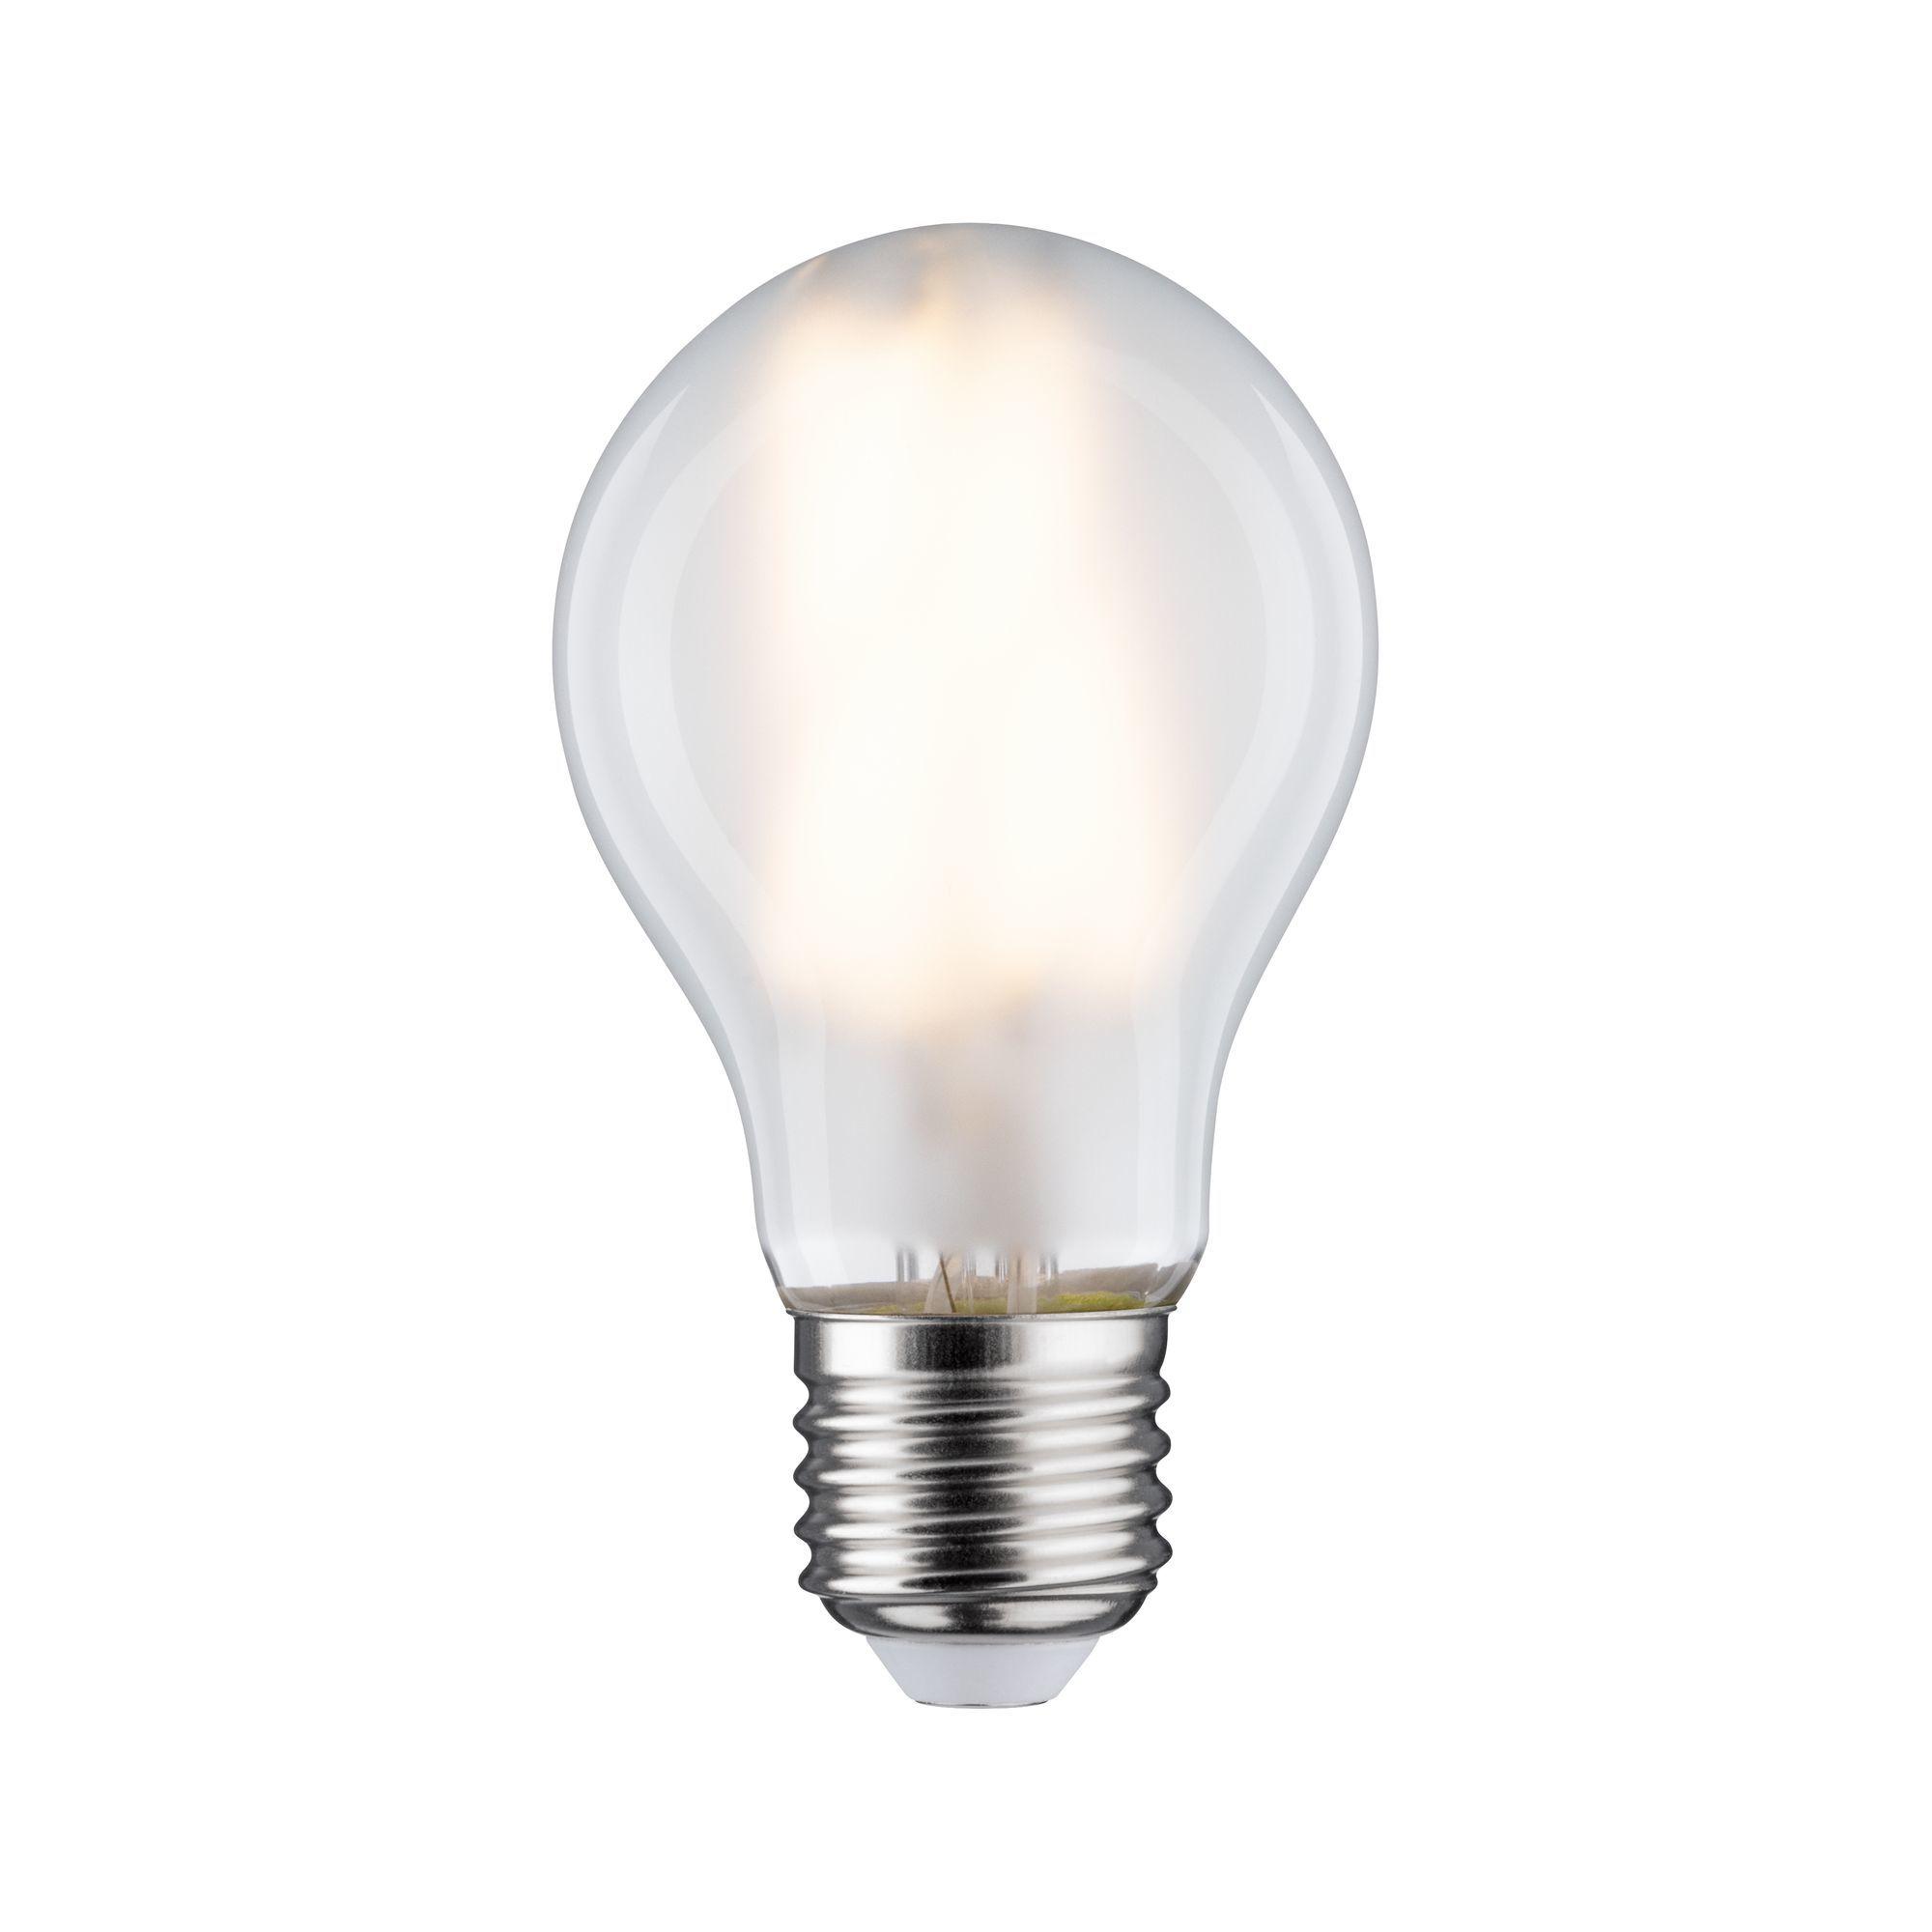 Paulmann LED Fil AGL 806lm E27 2700K matt 7W 230V (28618)